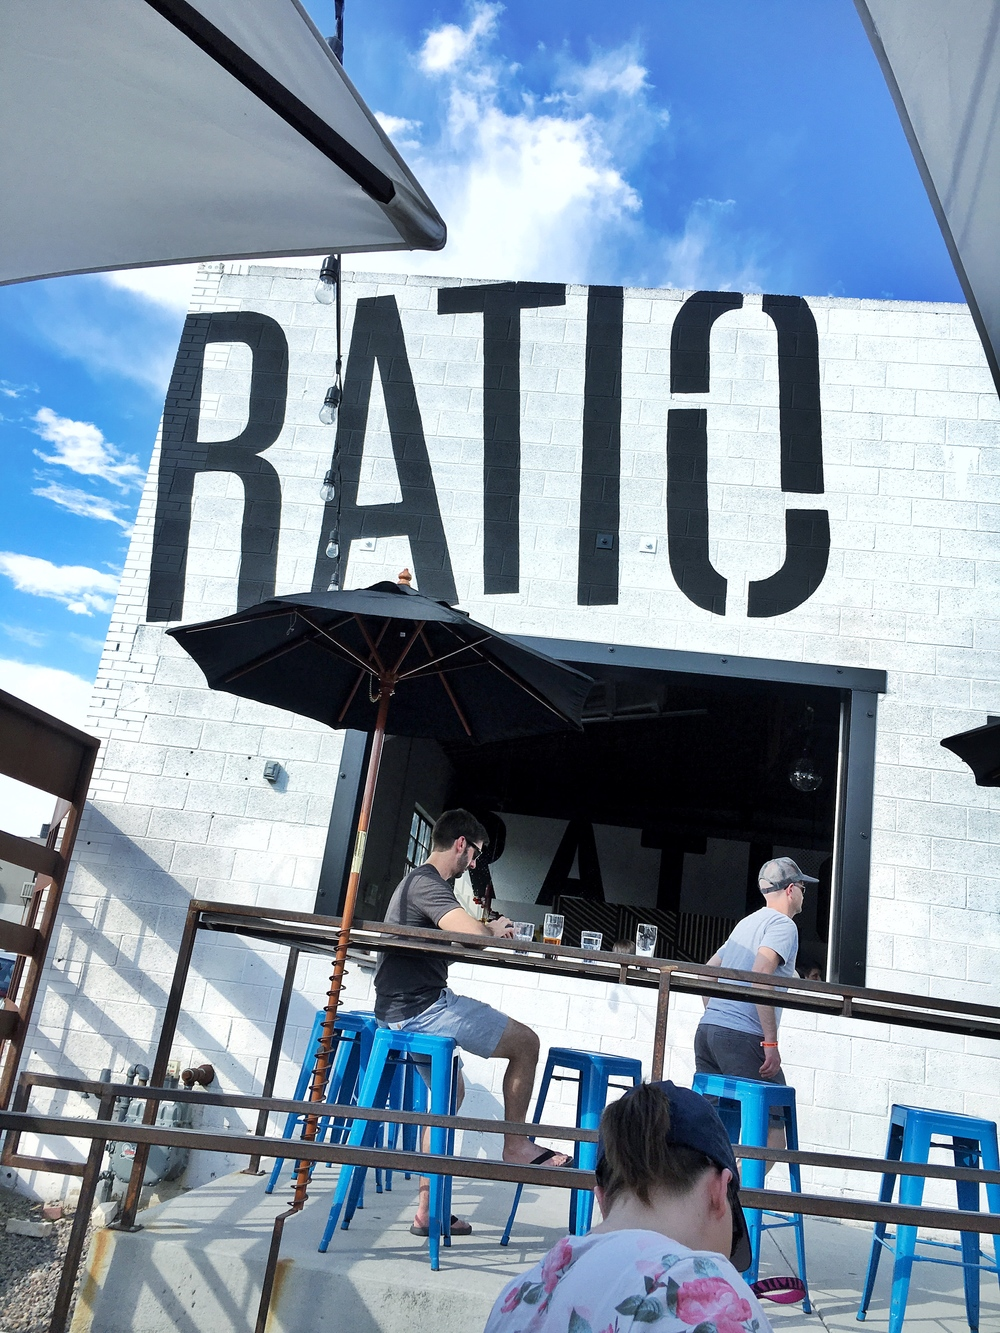 RiNo -Ratio Beerworks